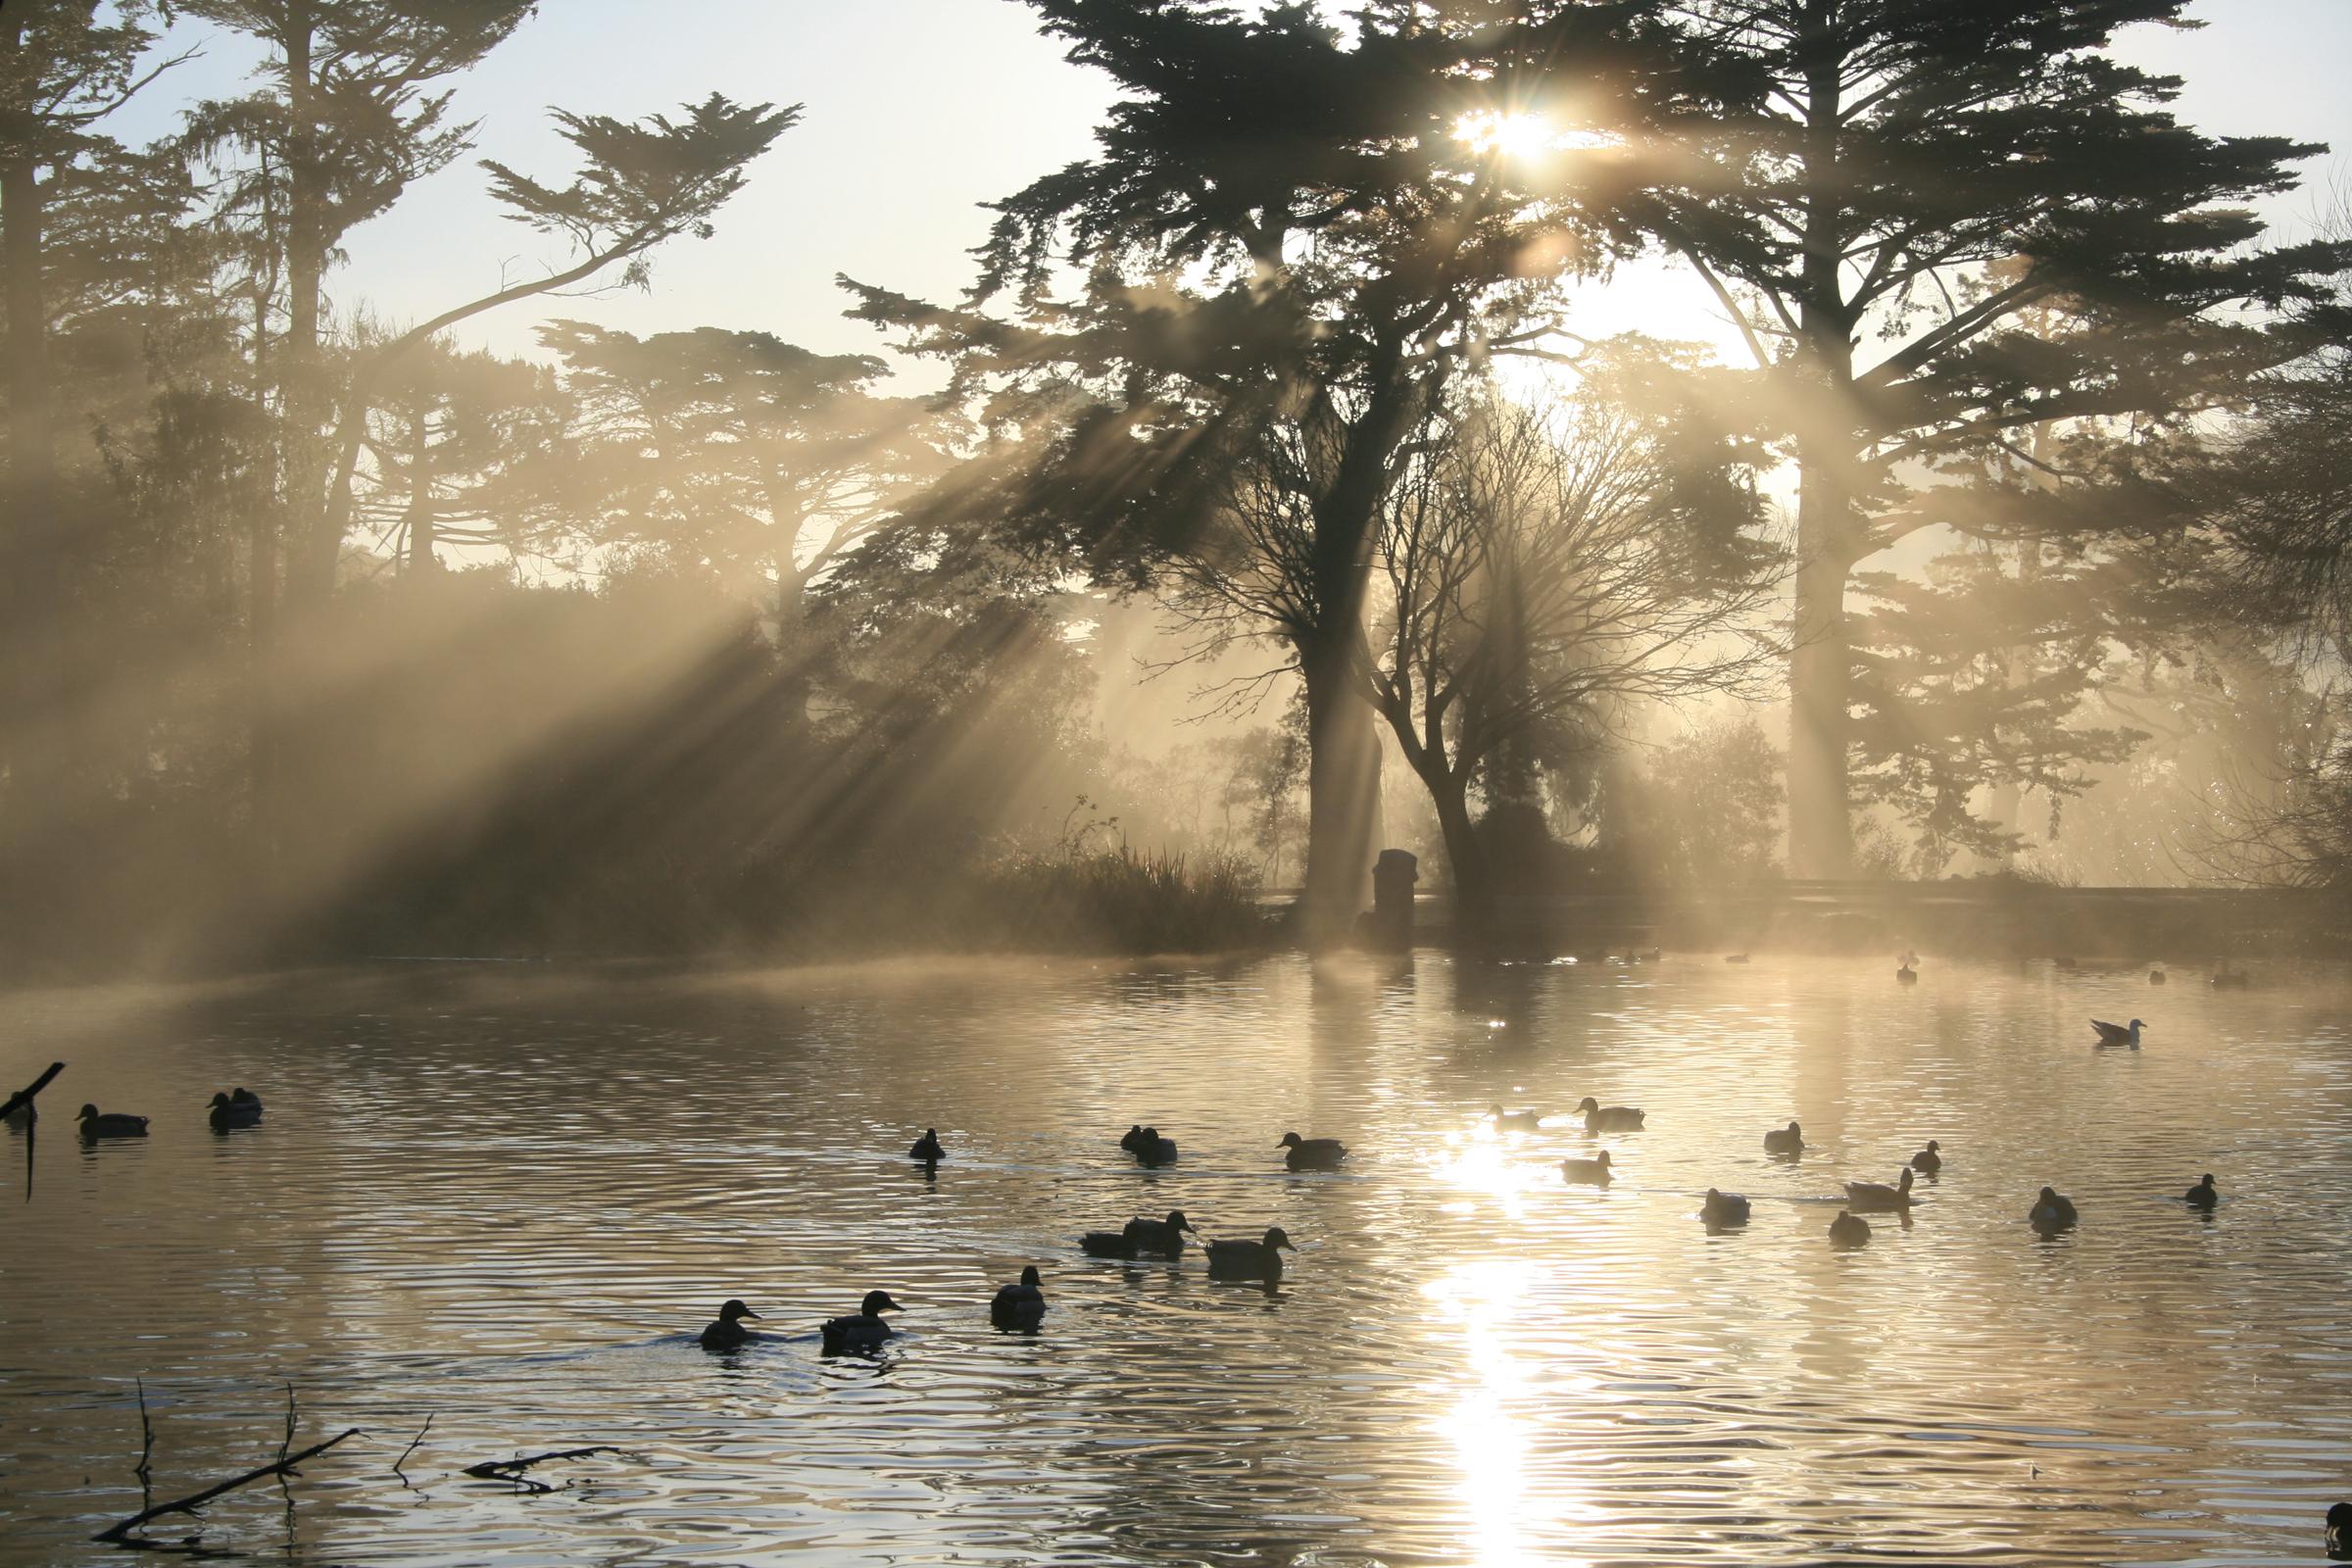 أشعة الشمس تتخلل الأشجار, أجمل الصور الطبيعية, جميل, أفضل صور,